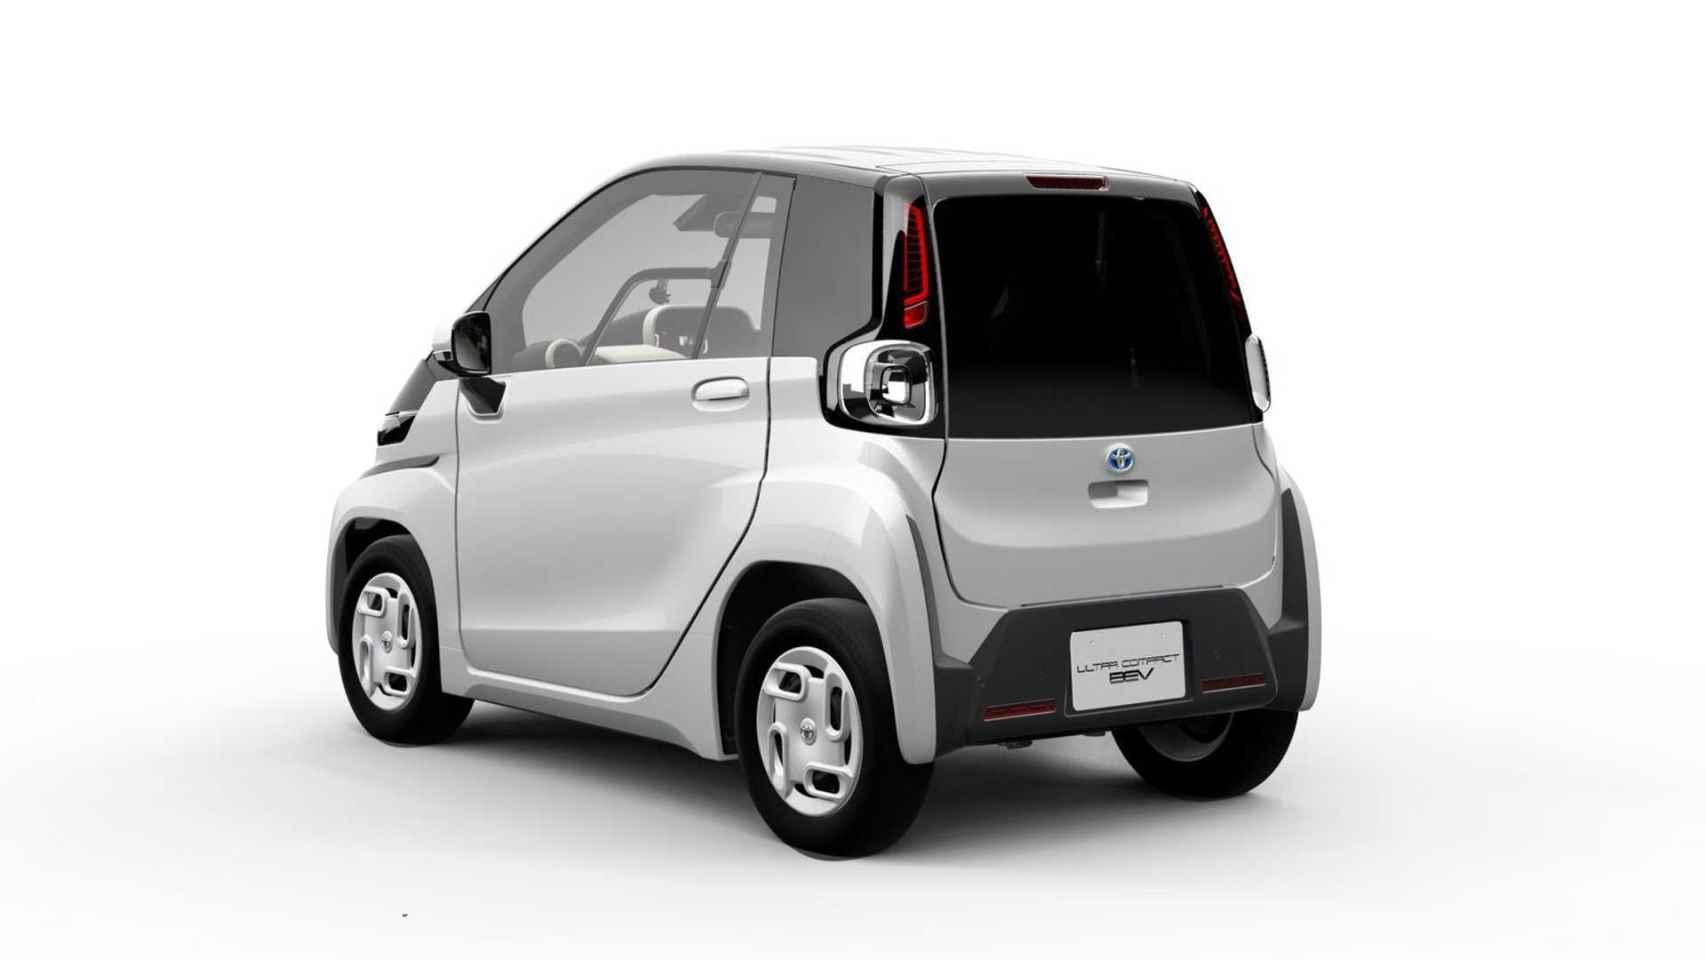 El Nuevo Electrico De Toyota Es Un Dos Plazas Ideal Para La Ciudad